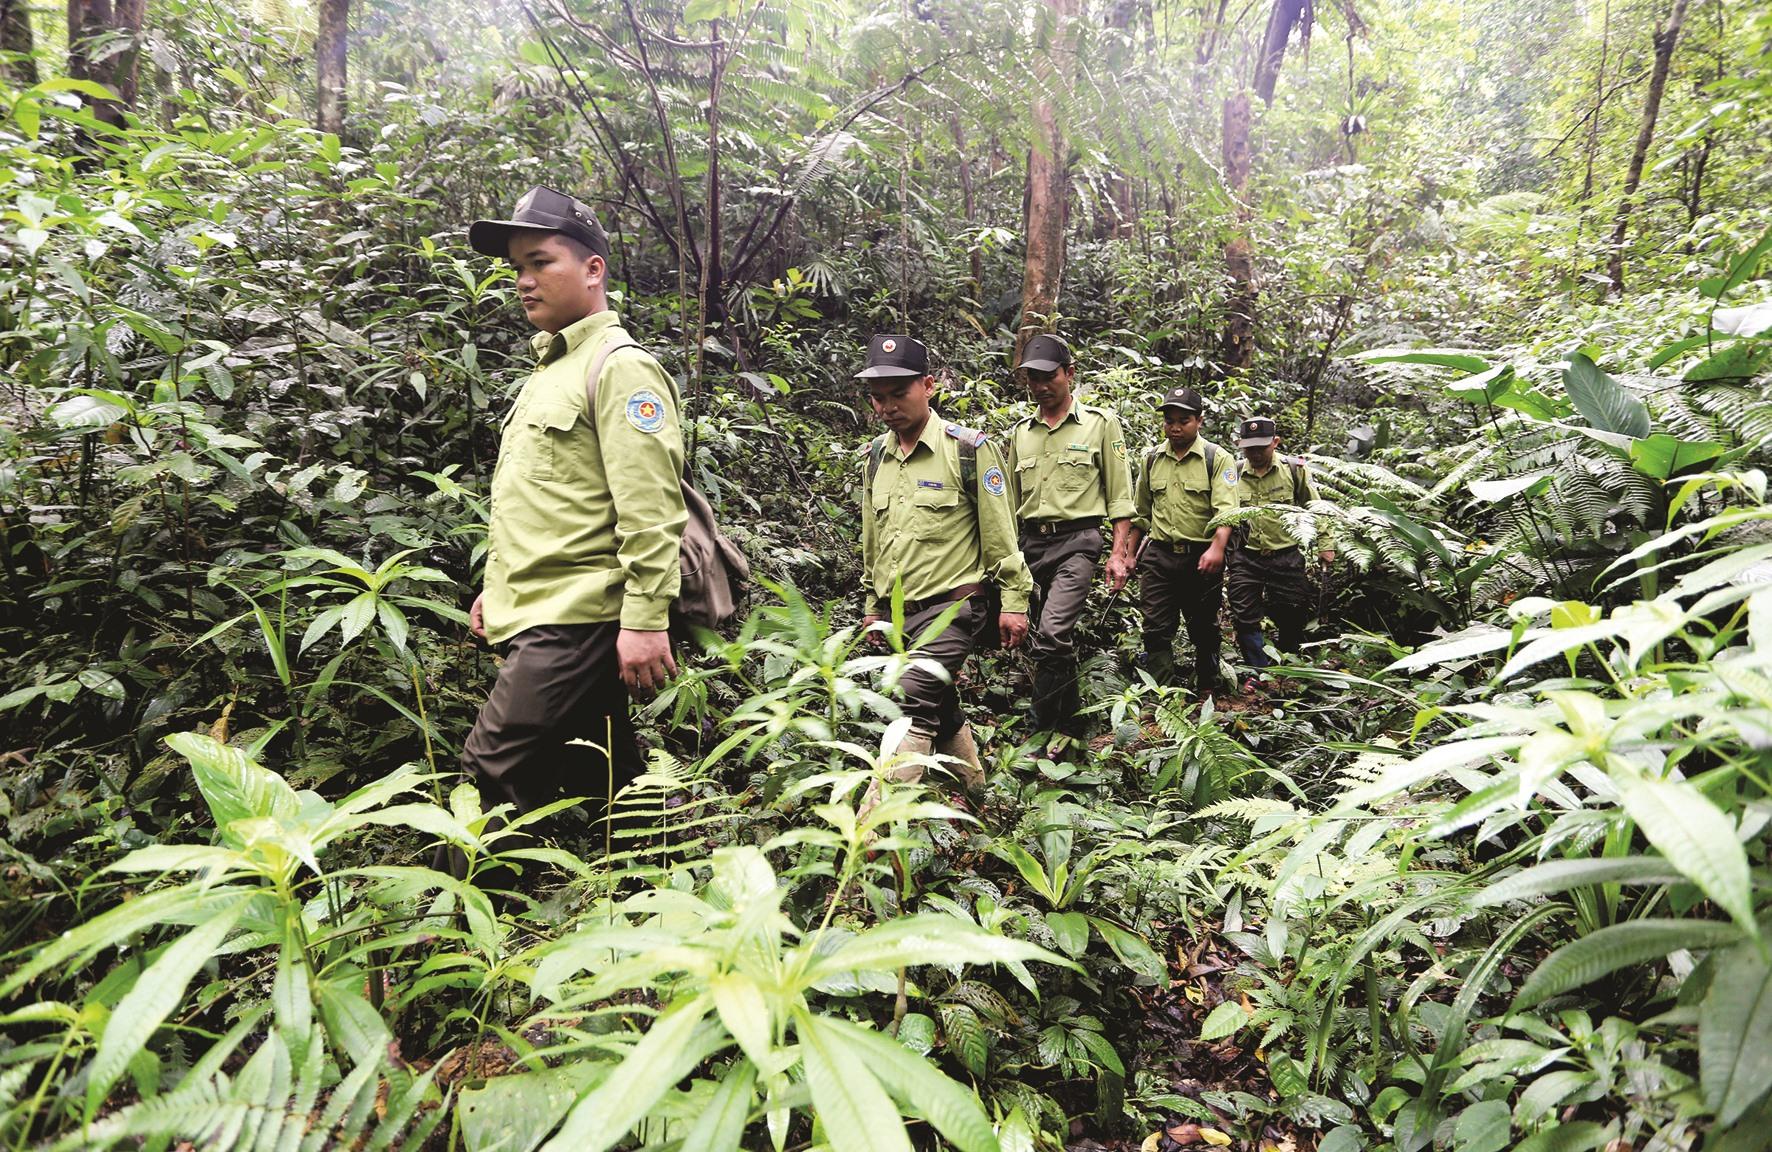 Nhân viên khu bảo tồn đi vào vừng phá bẫy, mỗi chuyến đi kéo dài khoảng 8 ngày. Họ mang theo lương thực, thực phẩm, dựng lán trại ở trong rừng.